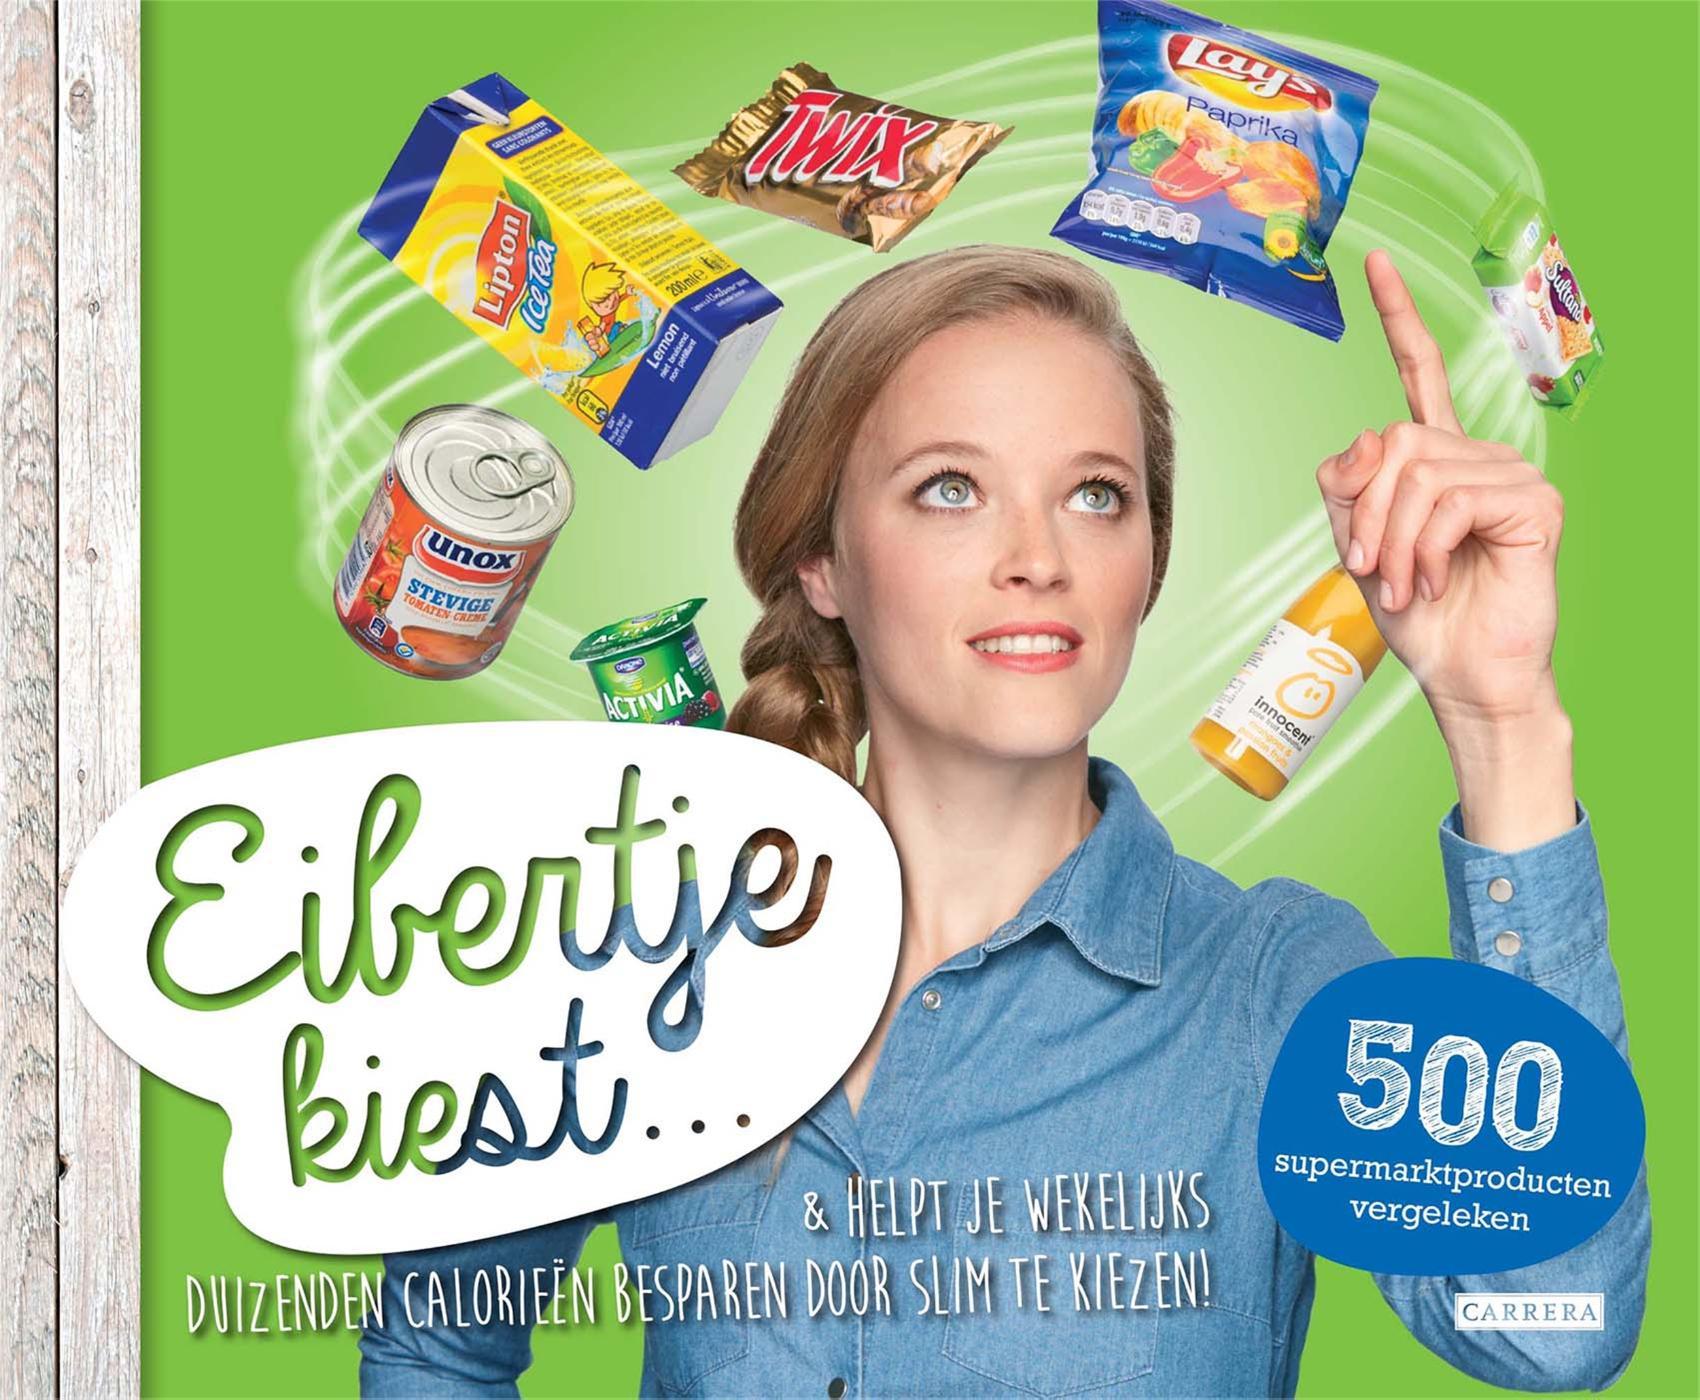 Cover Eibertje kiest...& helpt je wekelijks duizenden calorieën besparen door slim te kiezen!